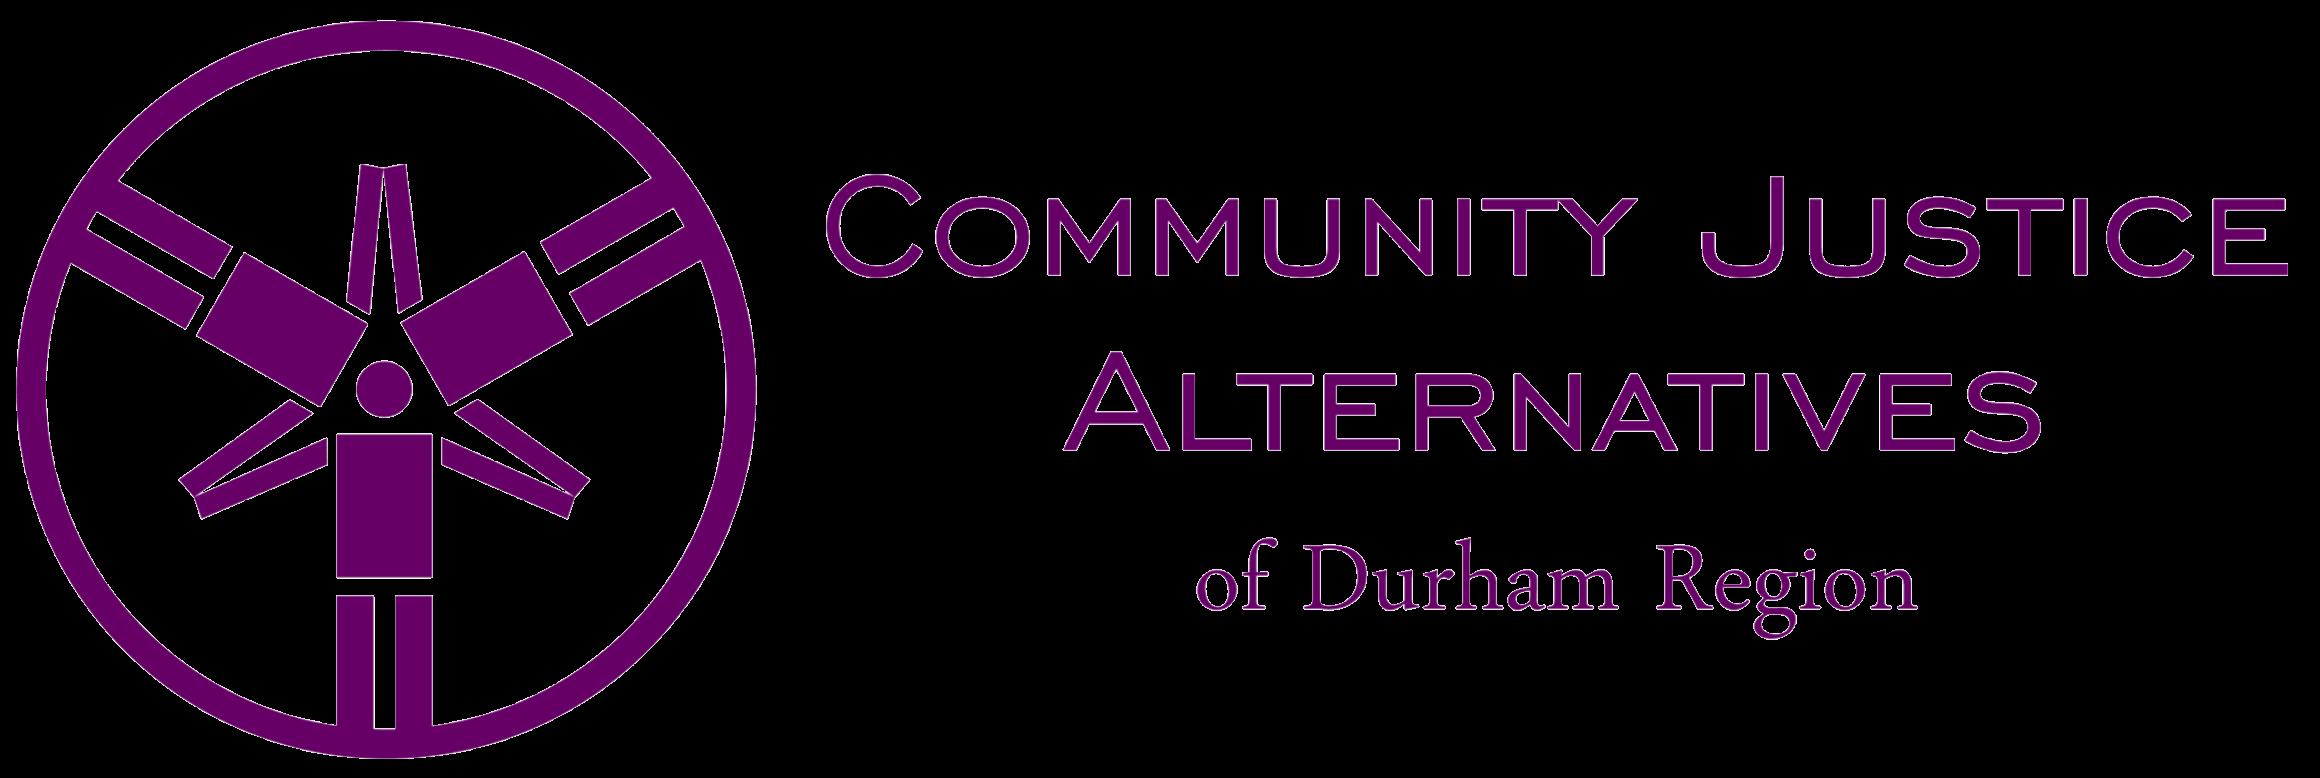 logo for Community Justice Alternatives